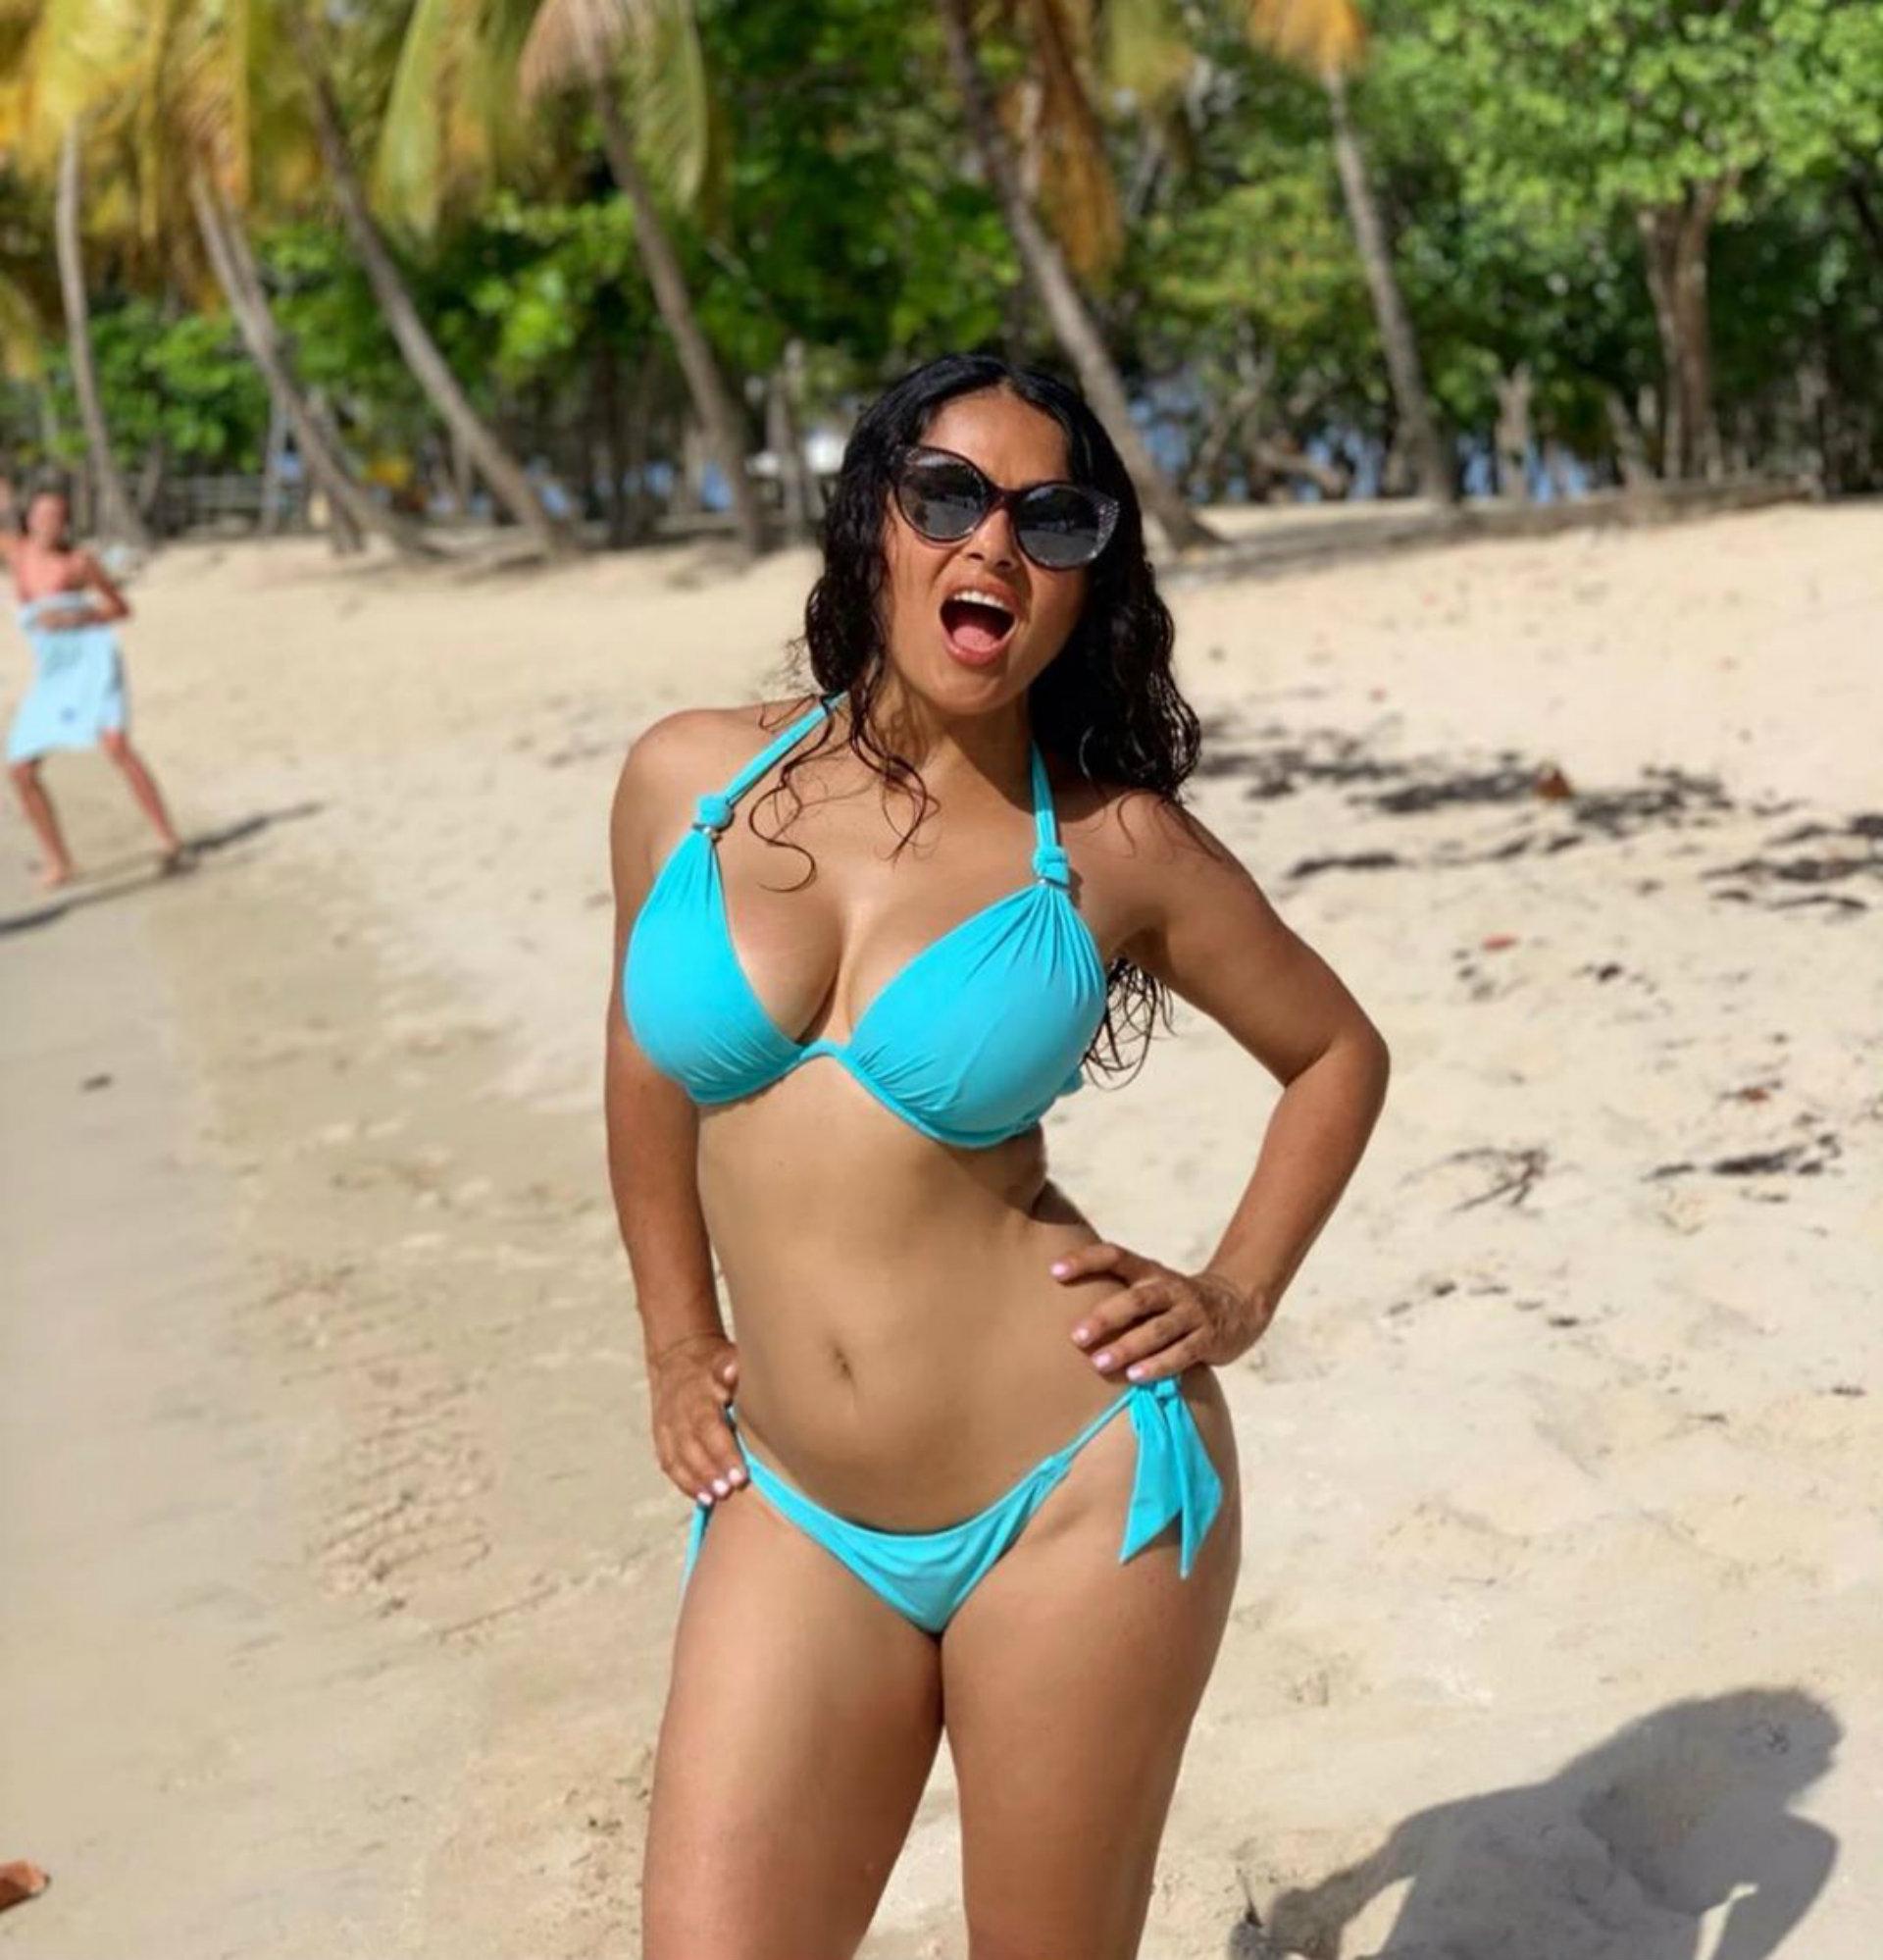 Salma Hayek y sus fotos del recuerdo: así se veía en bikini hace más de 20  años - Infobae